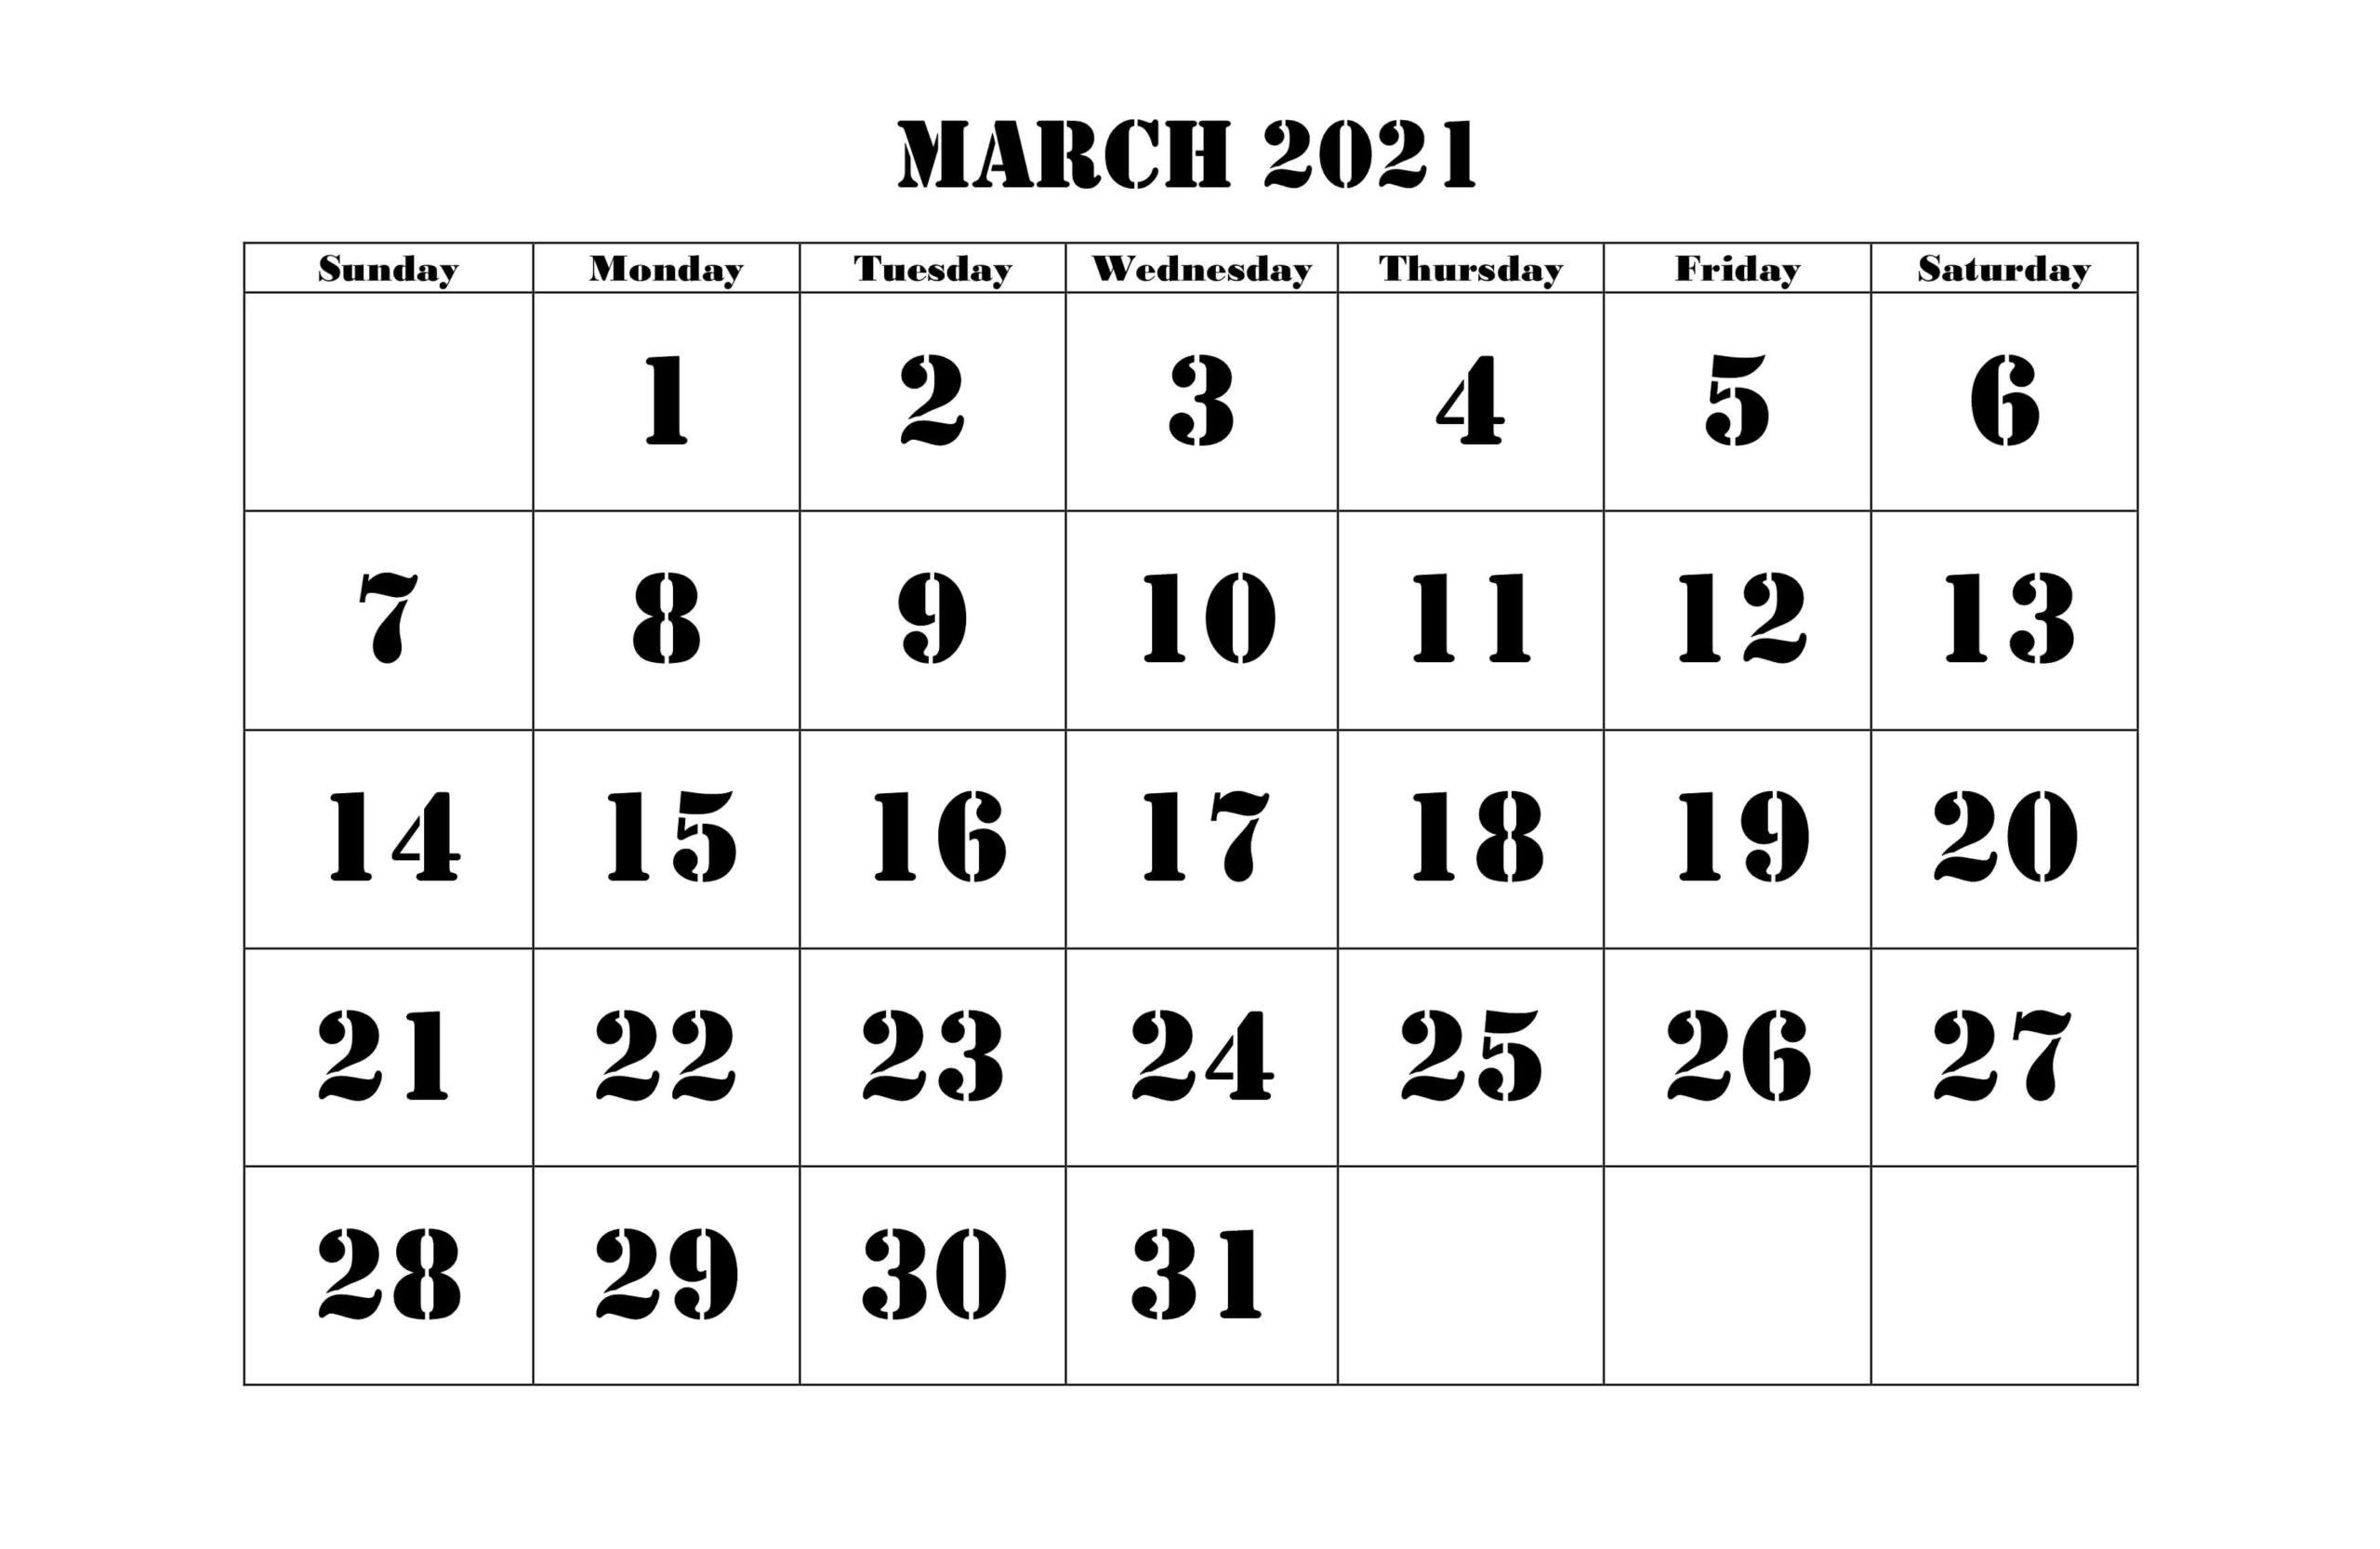 2021 March Calendar Printable